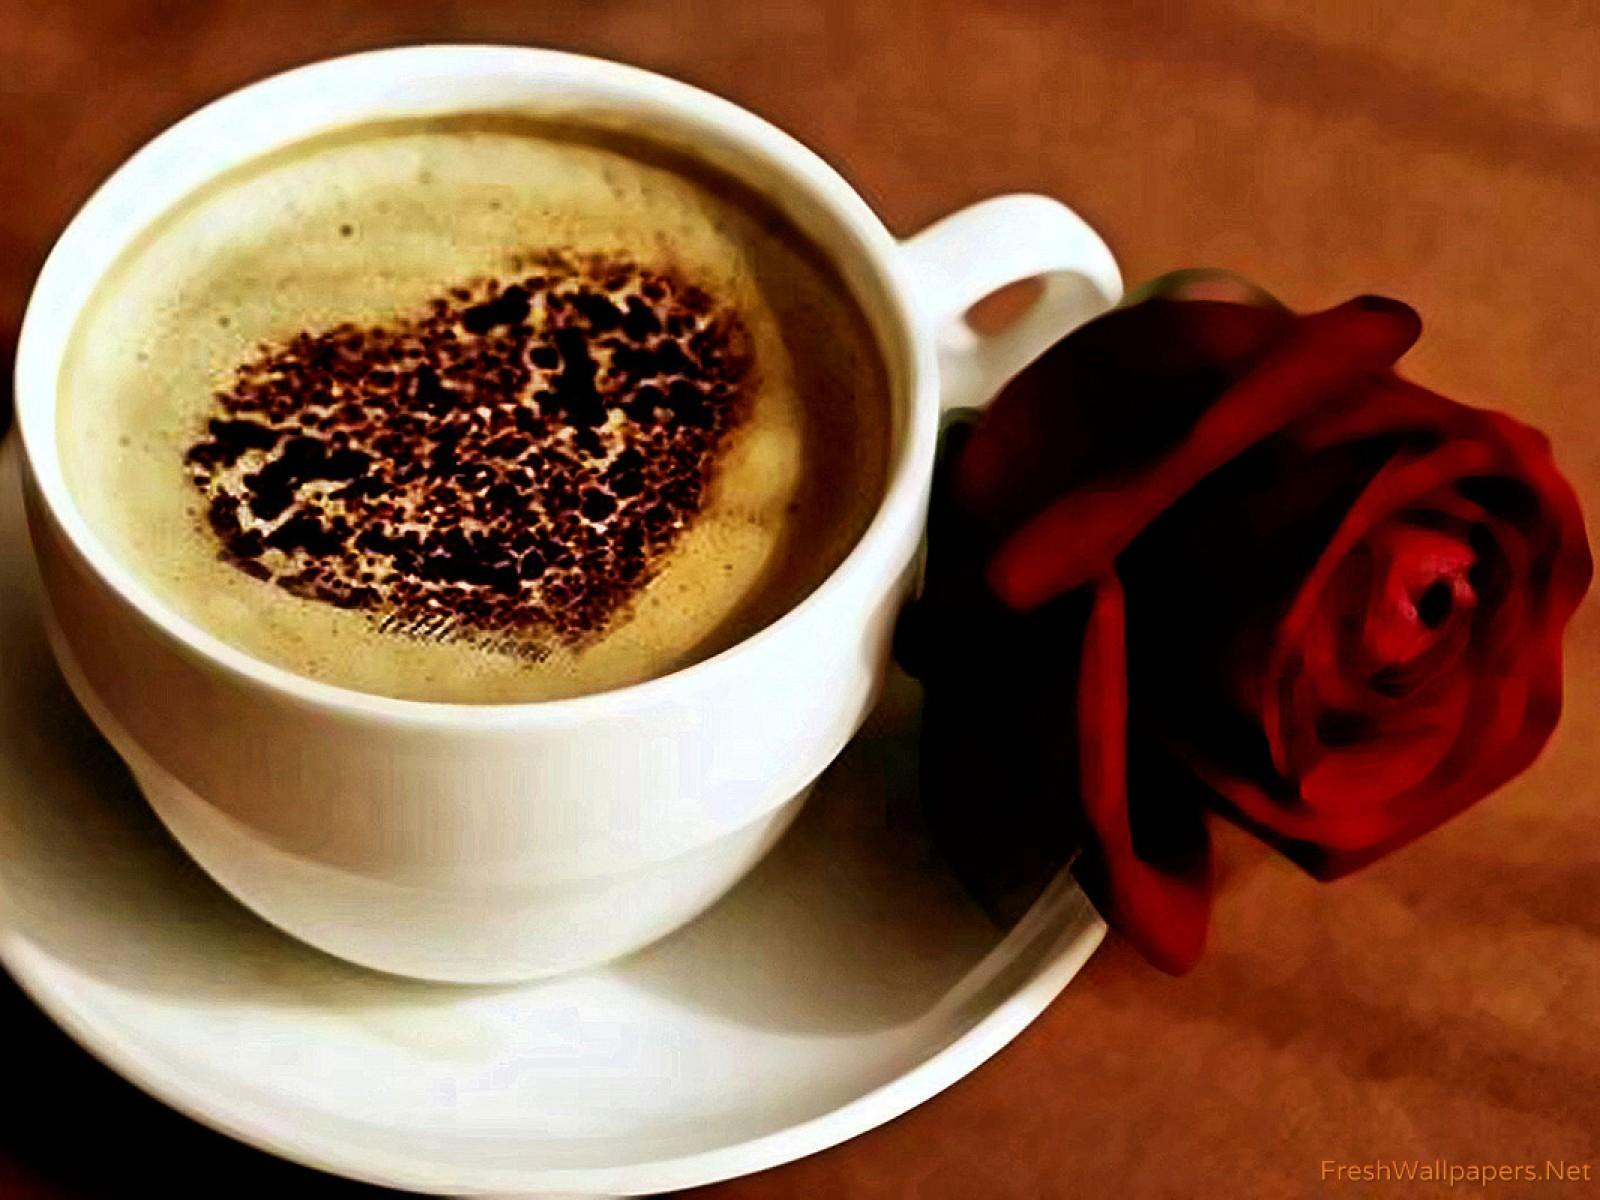 40% Rabatt bei CafeRoyal! Code Anfrage nur bis 30.05 18.00 Uhr!